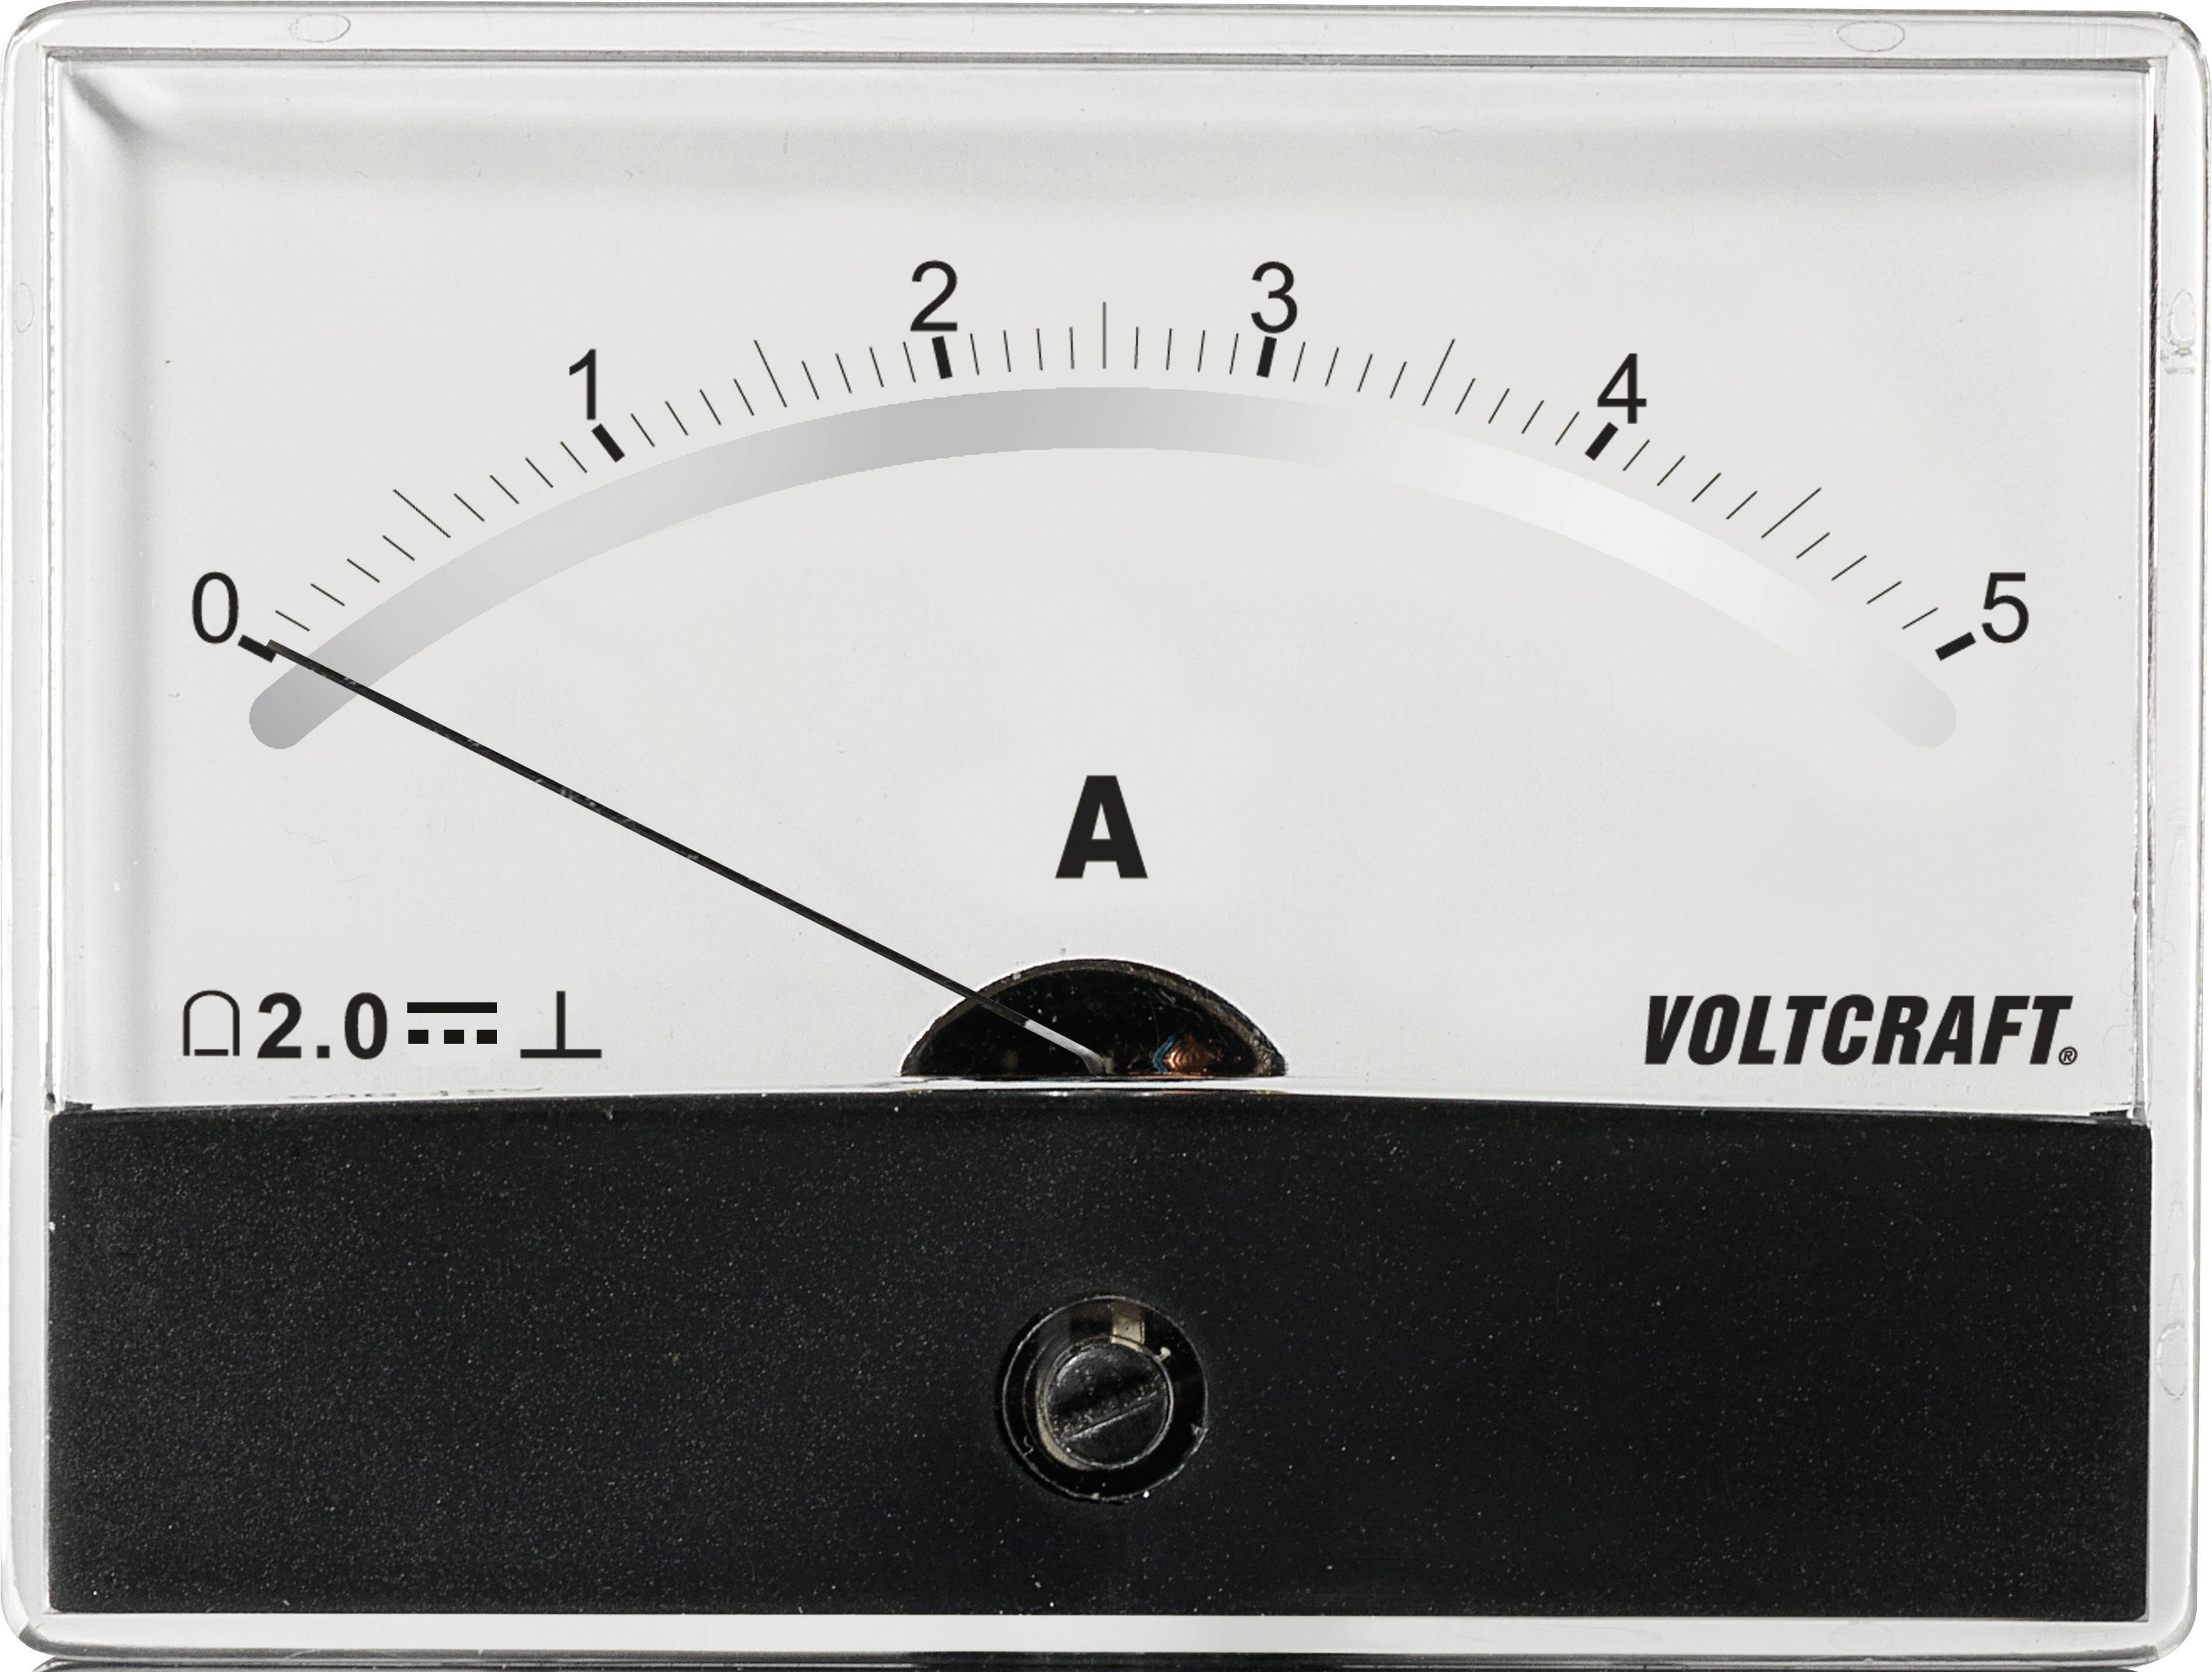 Analogové panelové měřidlo VOLTCRAFT AM-86X65/5A/DC 5 A